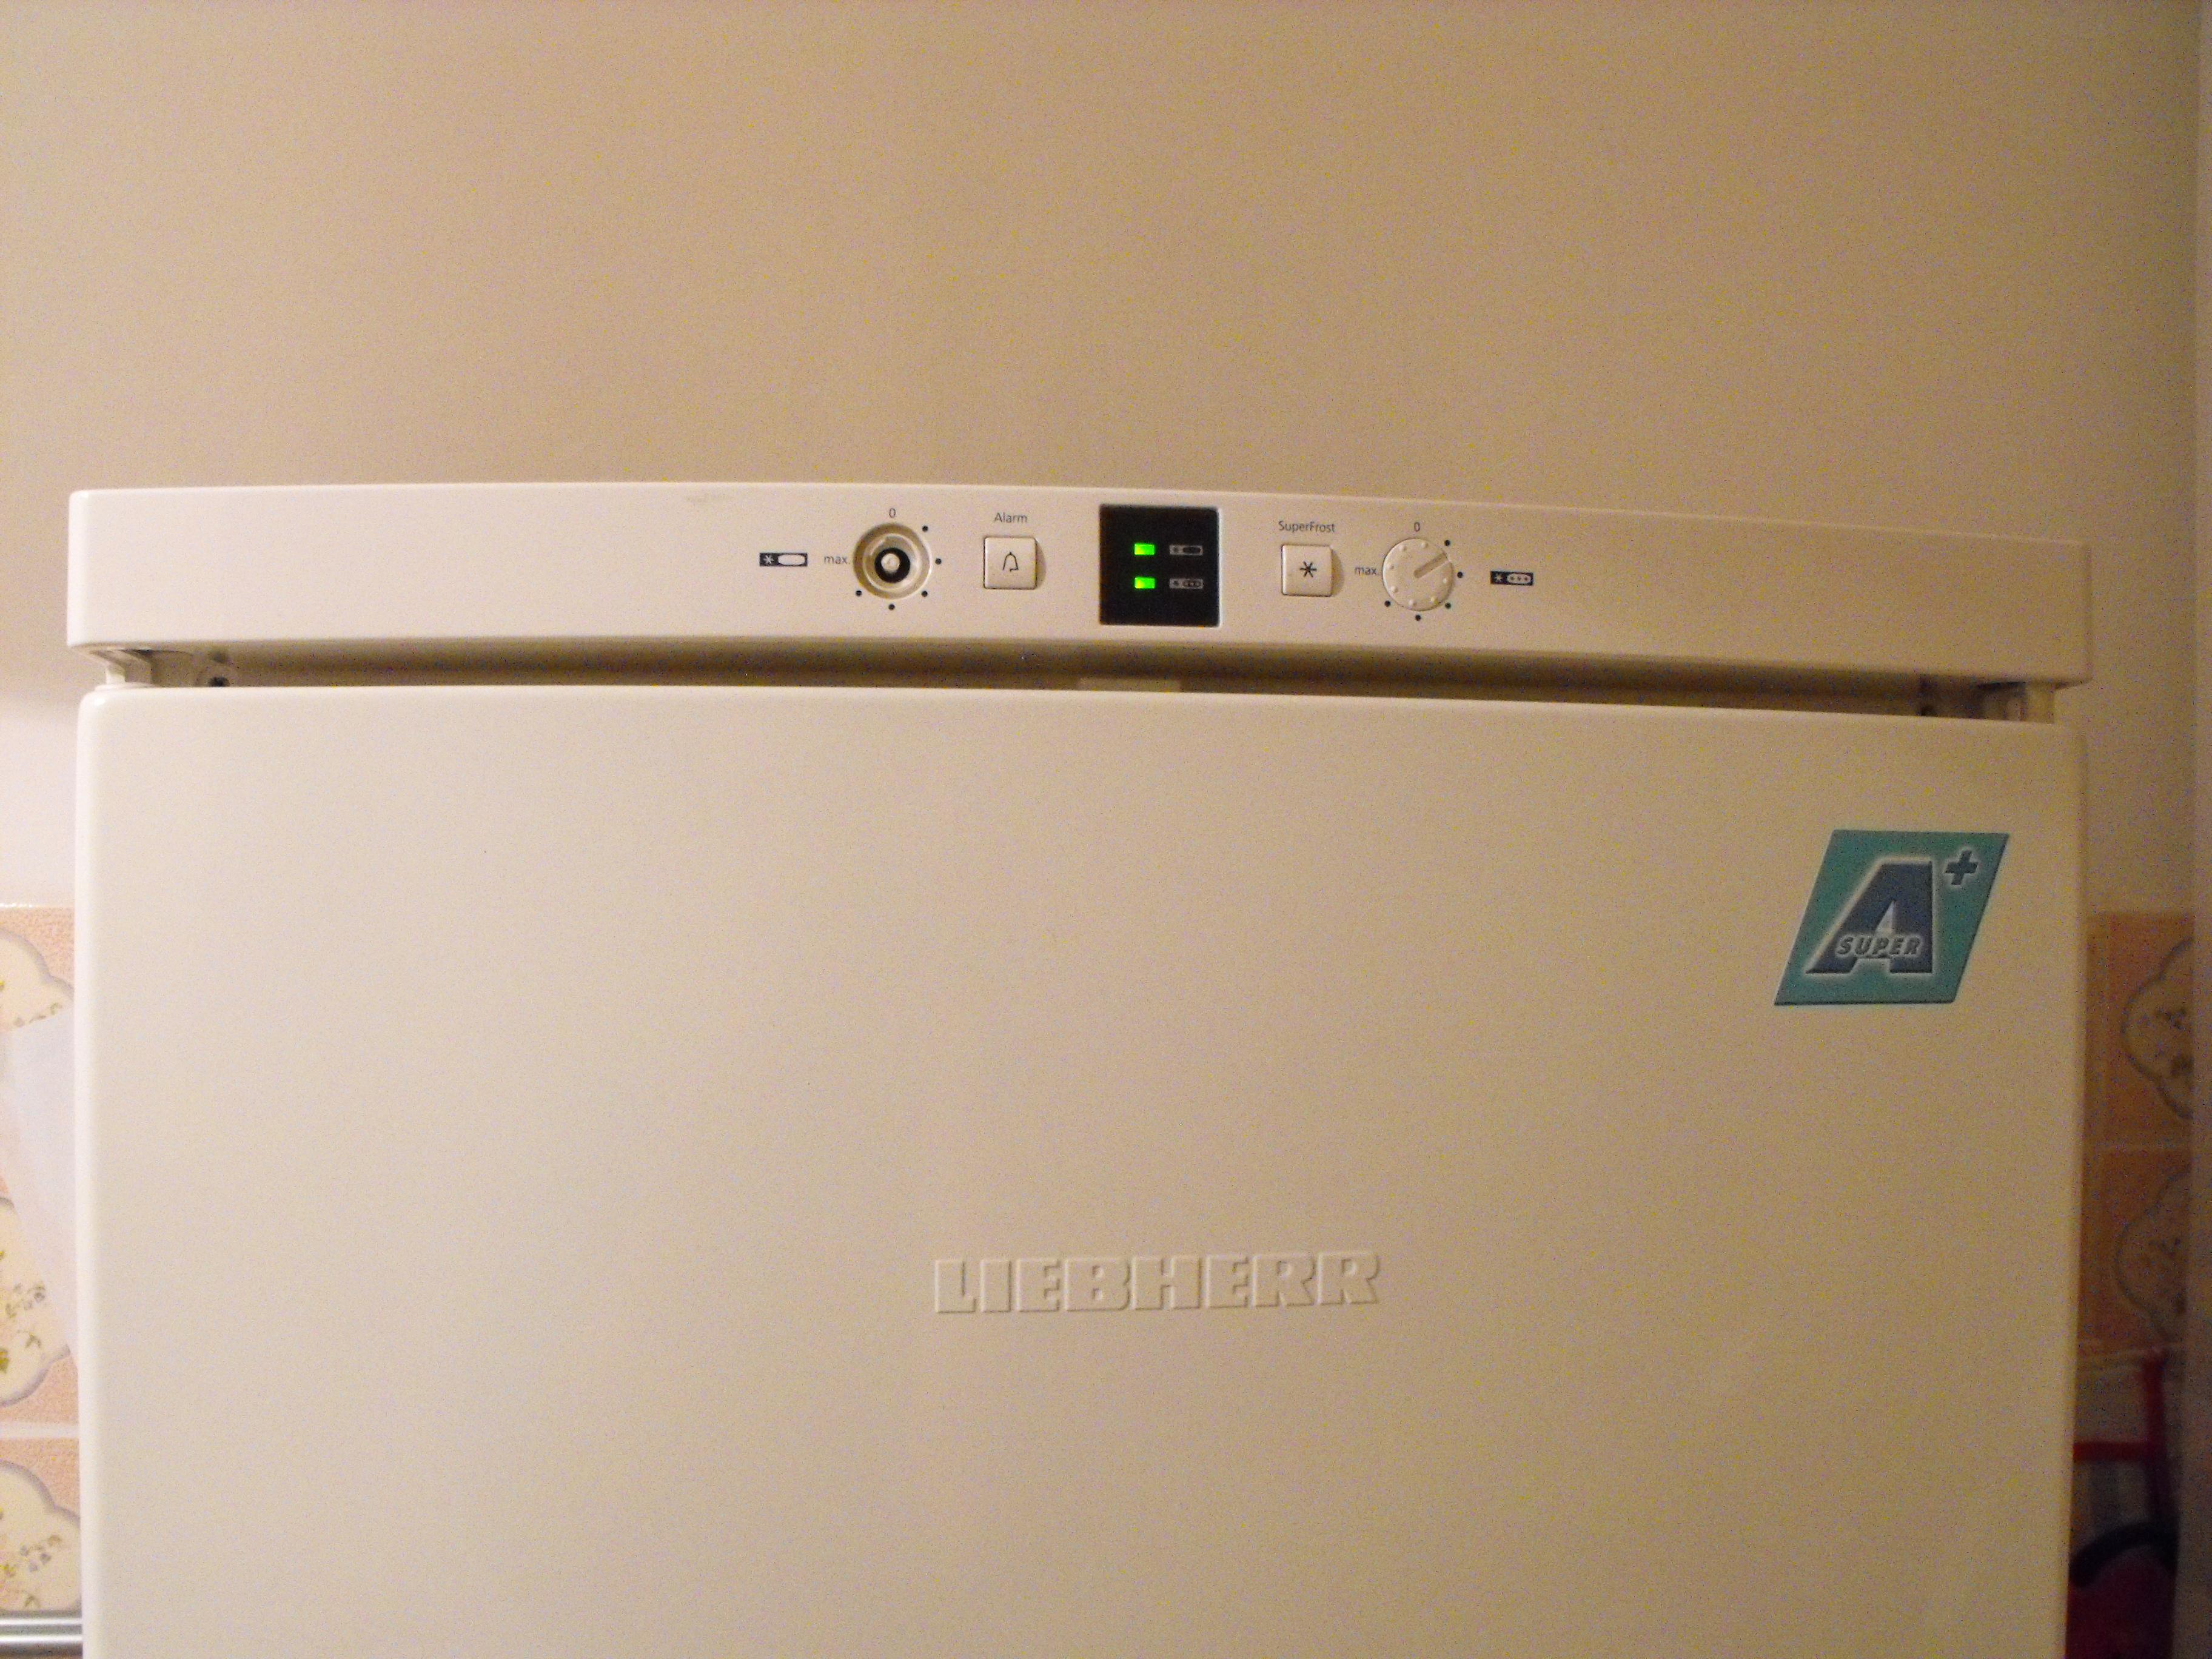 Lod�wko-Zam, Liebherr 35010 - Awaria elektronicznego termostatu - lod�wka mrozi